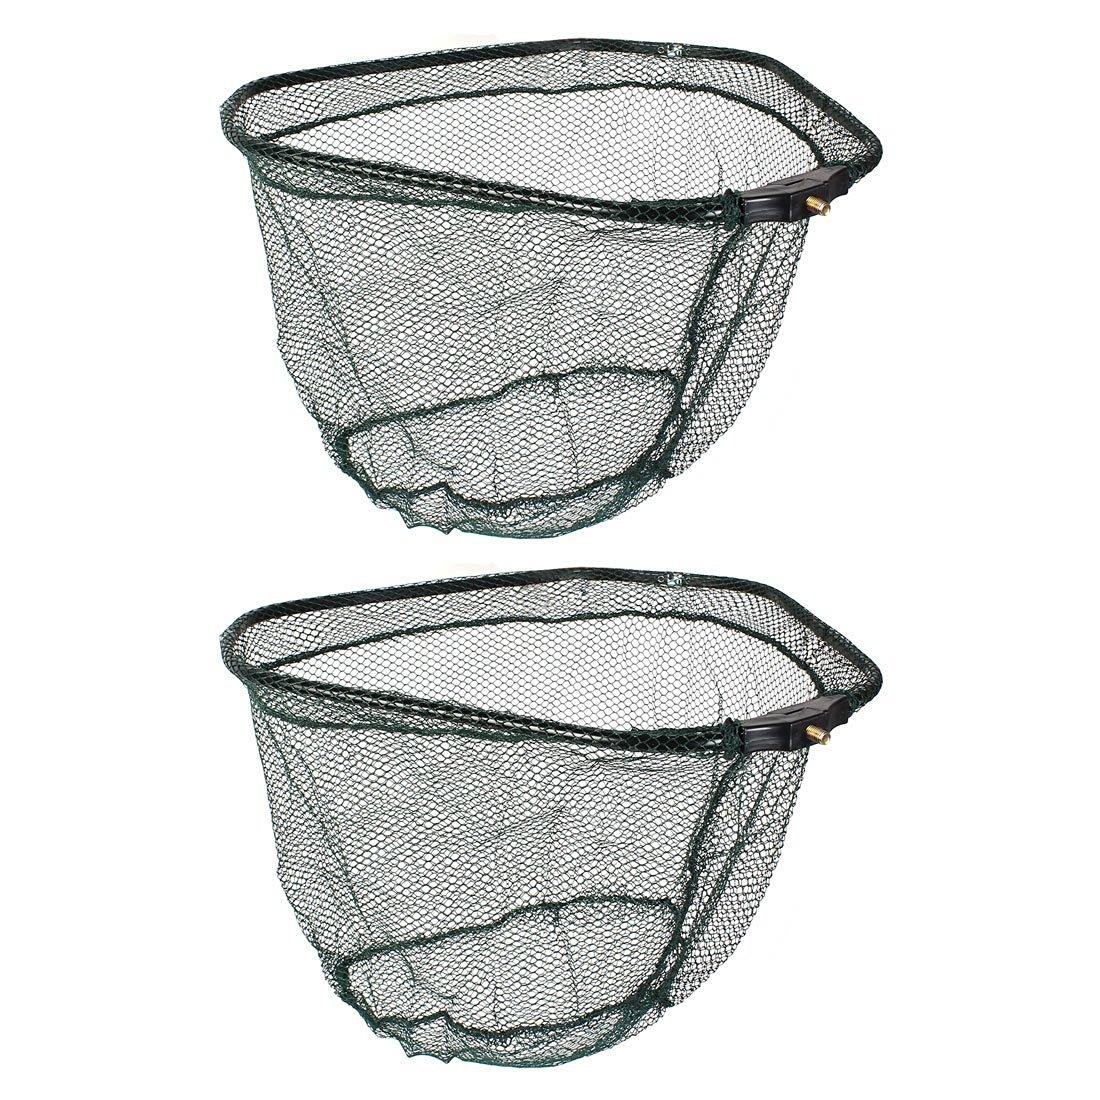 uxcell® 2 Pcs Nylon Mesh Foldable Triangle Shape Fishing Landing Net